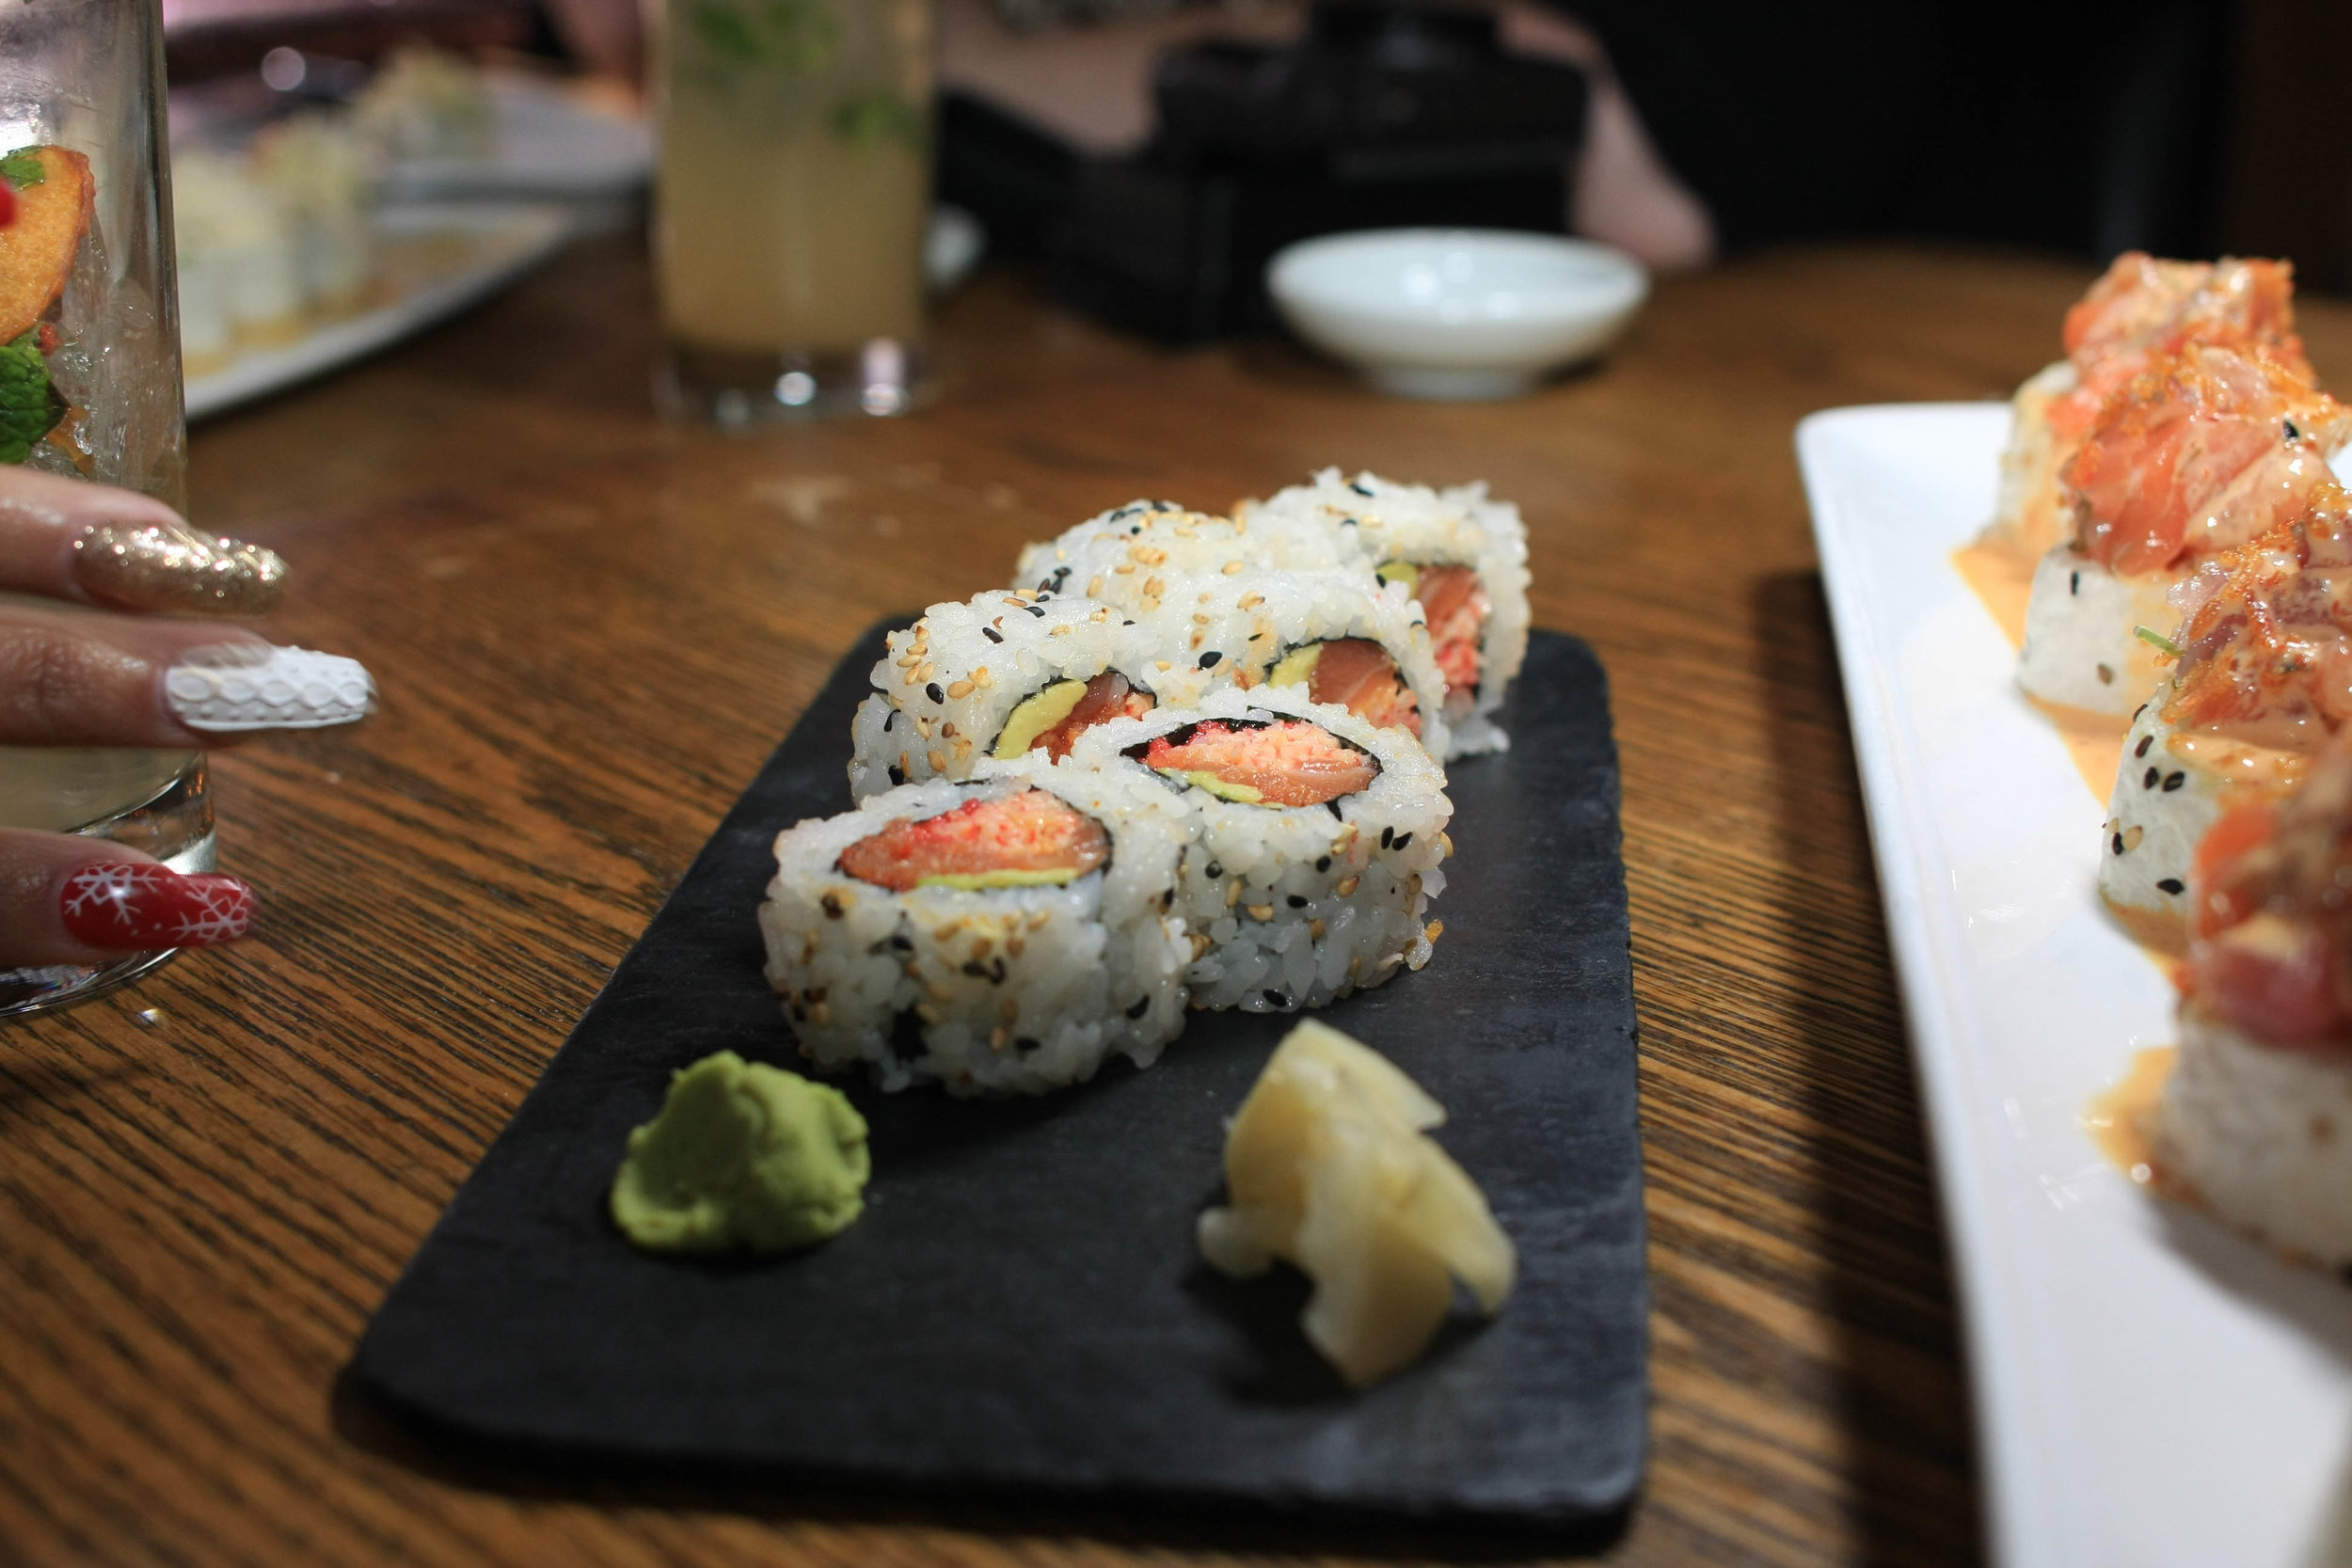 Pop Rockin - Spicy tuna, Salmon, Kanikama, Avocado, Pop Rocks